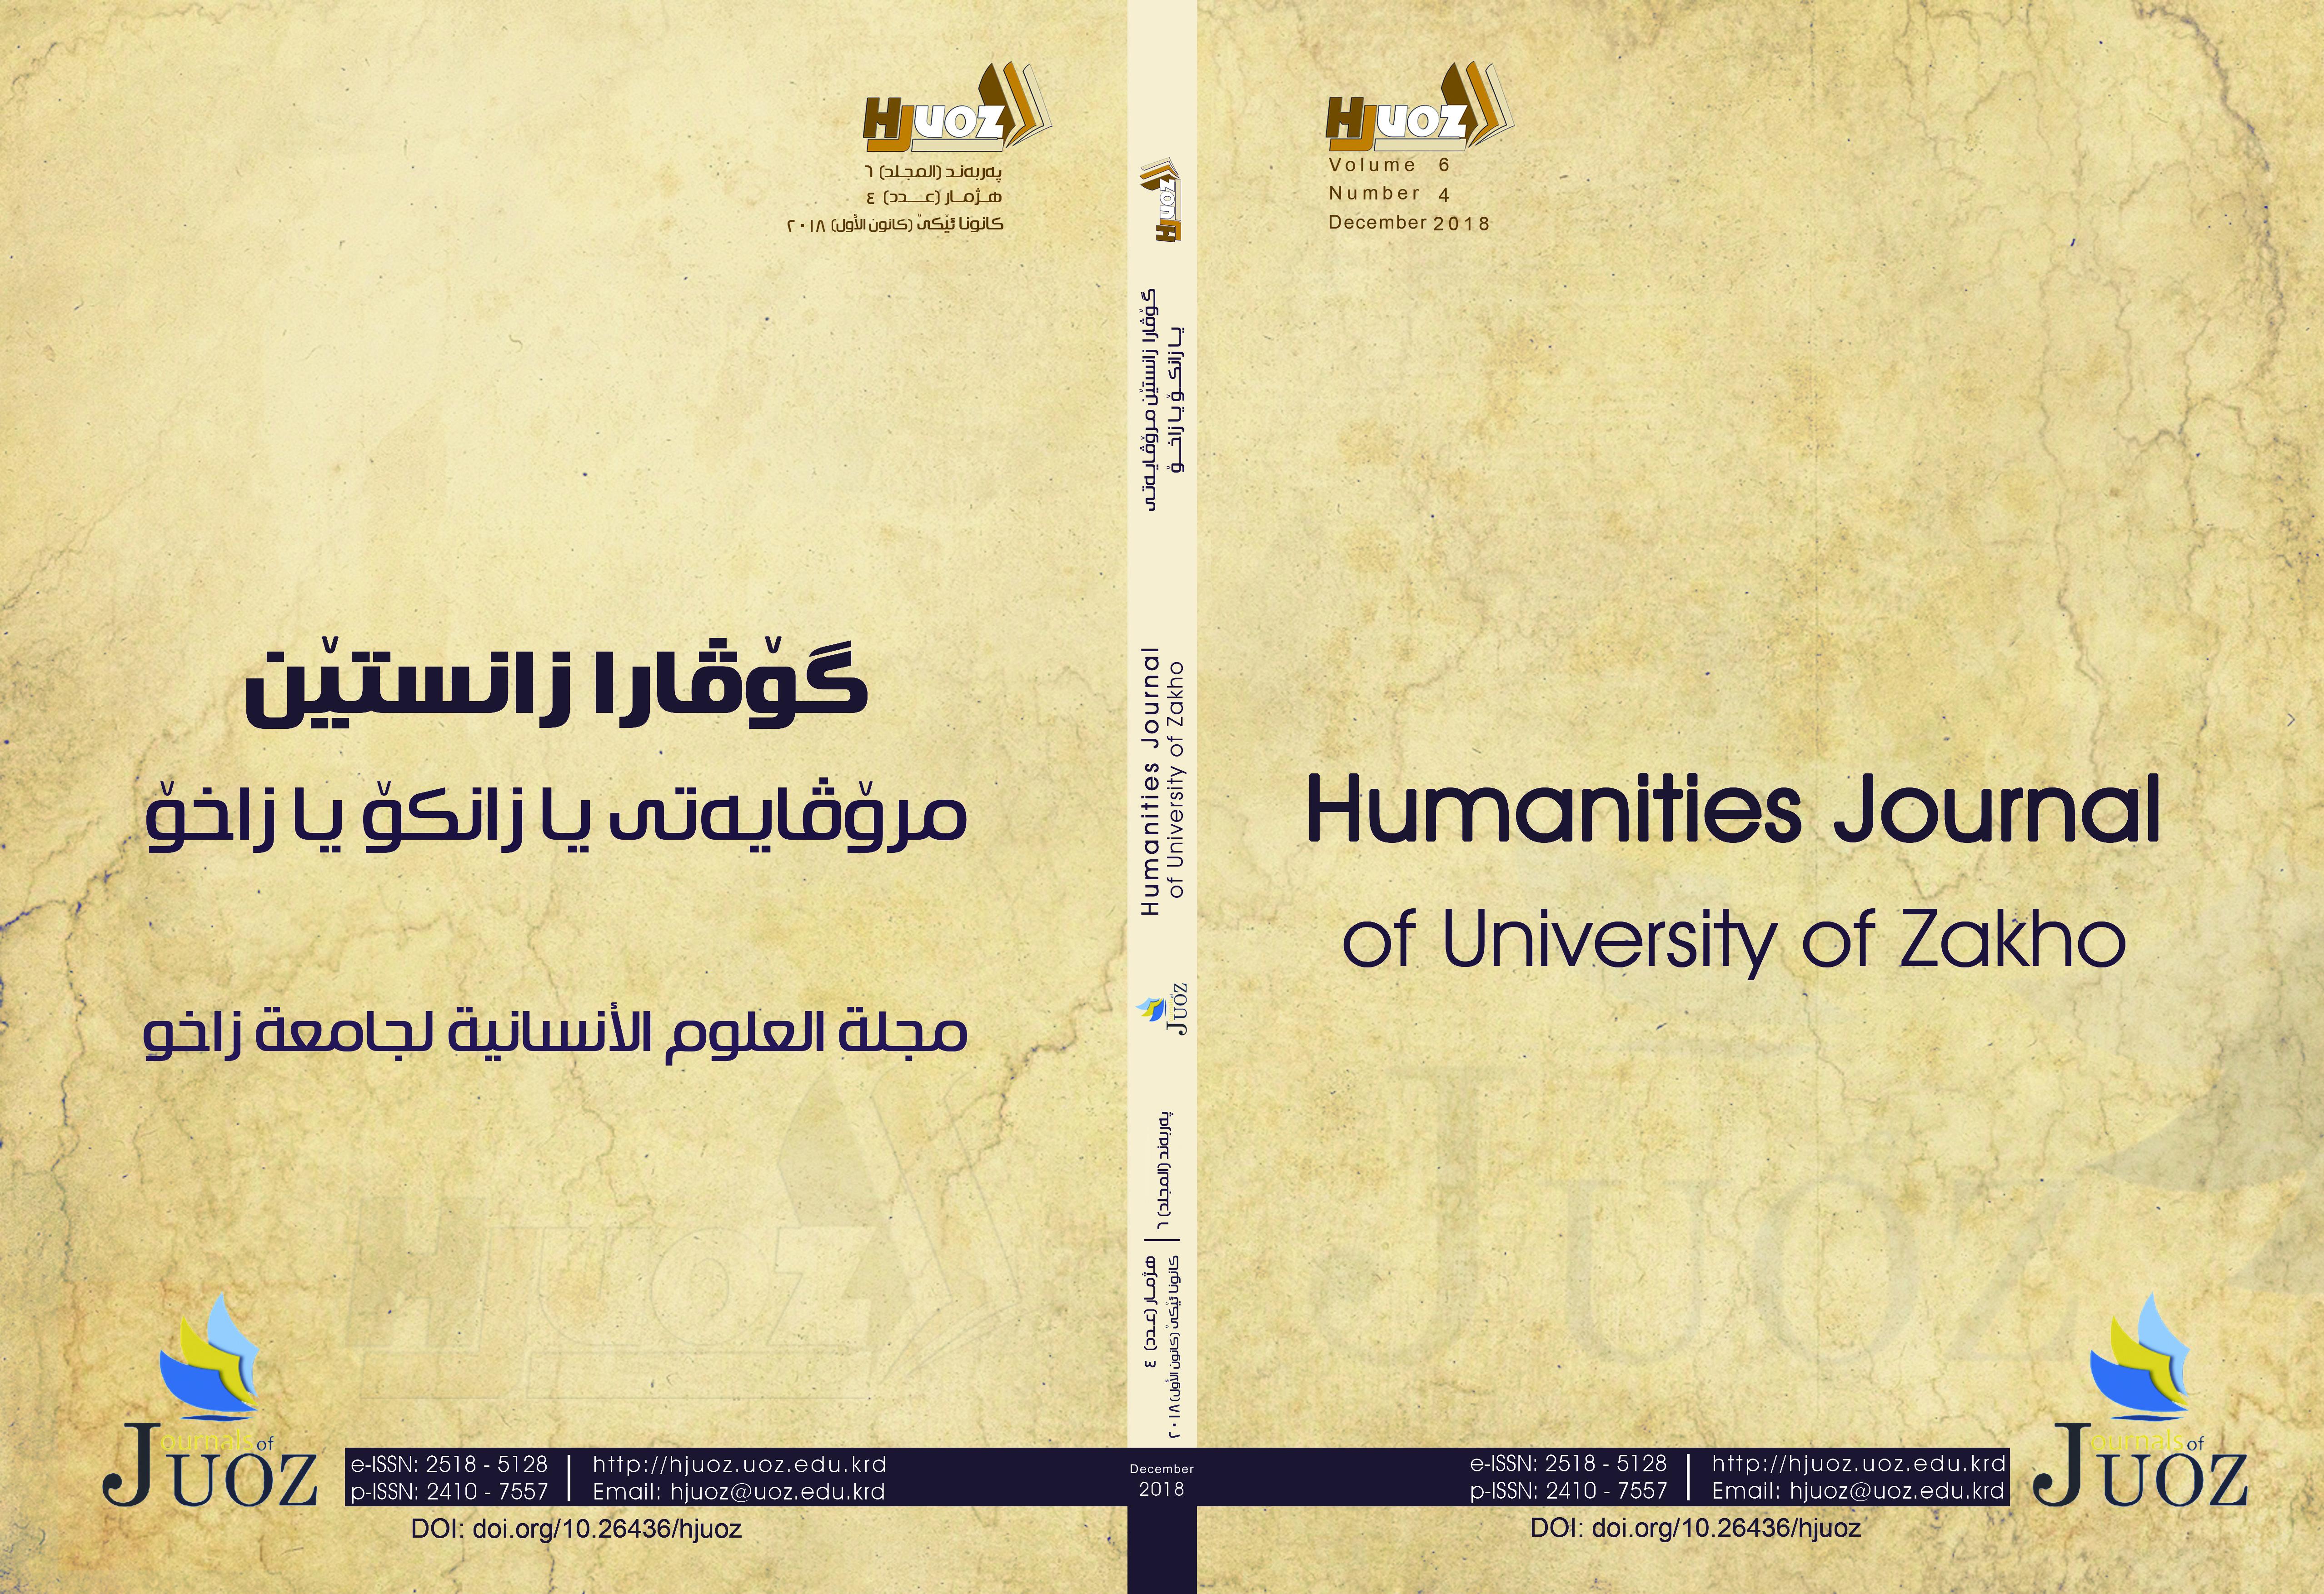 Humanities Journal of University of Zakho (HJUOZ)